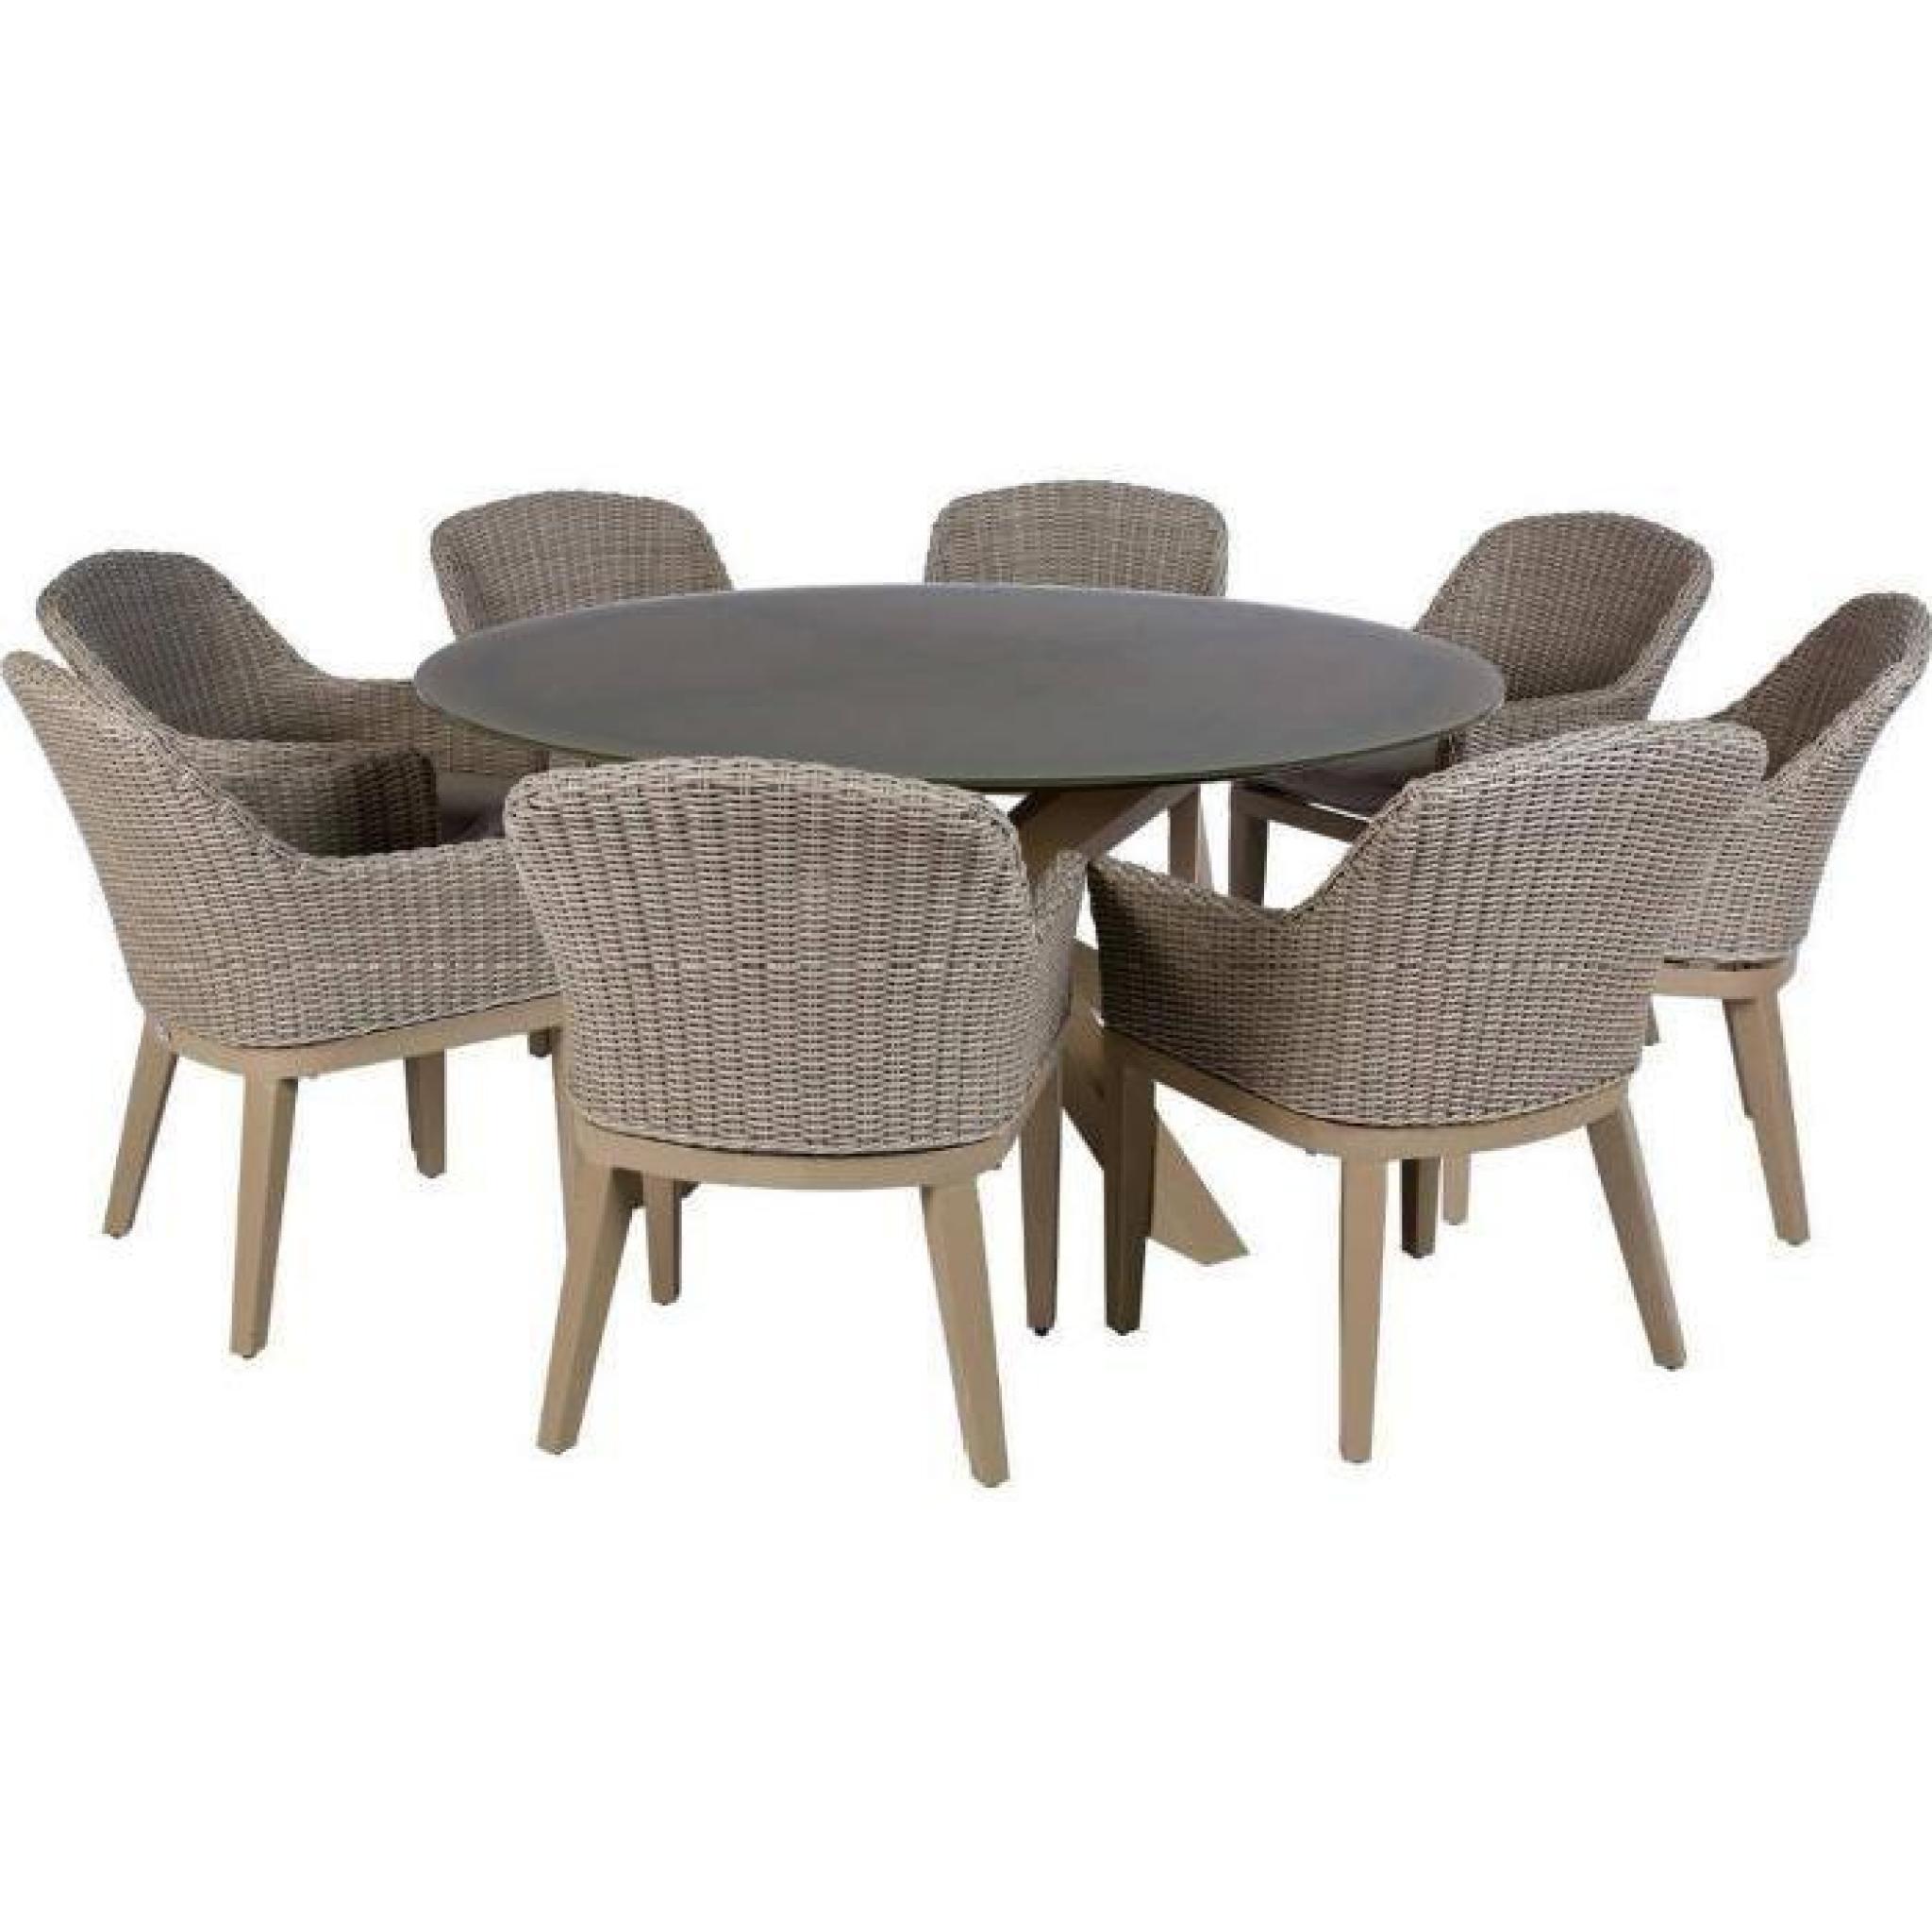 Table Ronde De Jardin En Aluminium Coloris Taupe - Dim : D 160 X H 75Cm serapportantà Table De Jardin Pas Cher